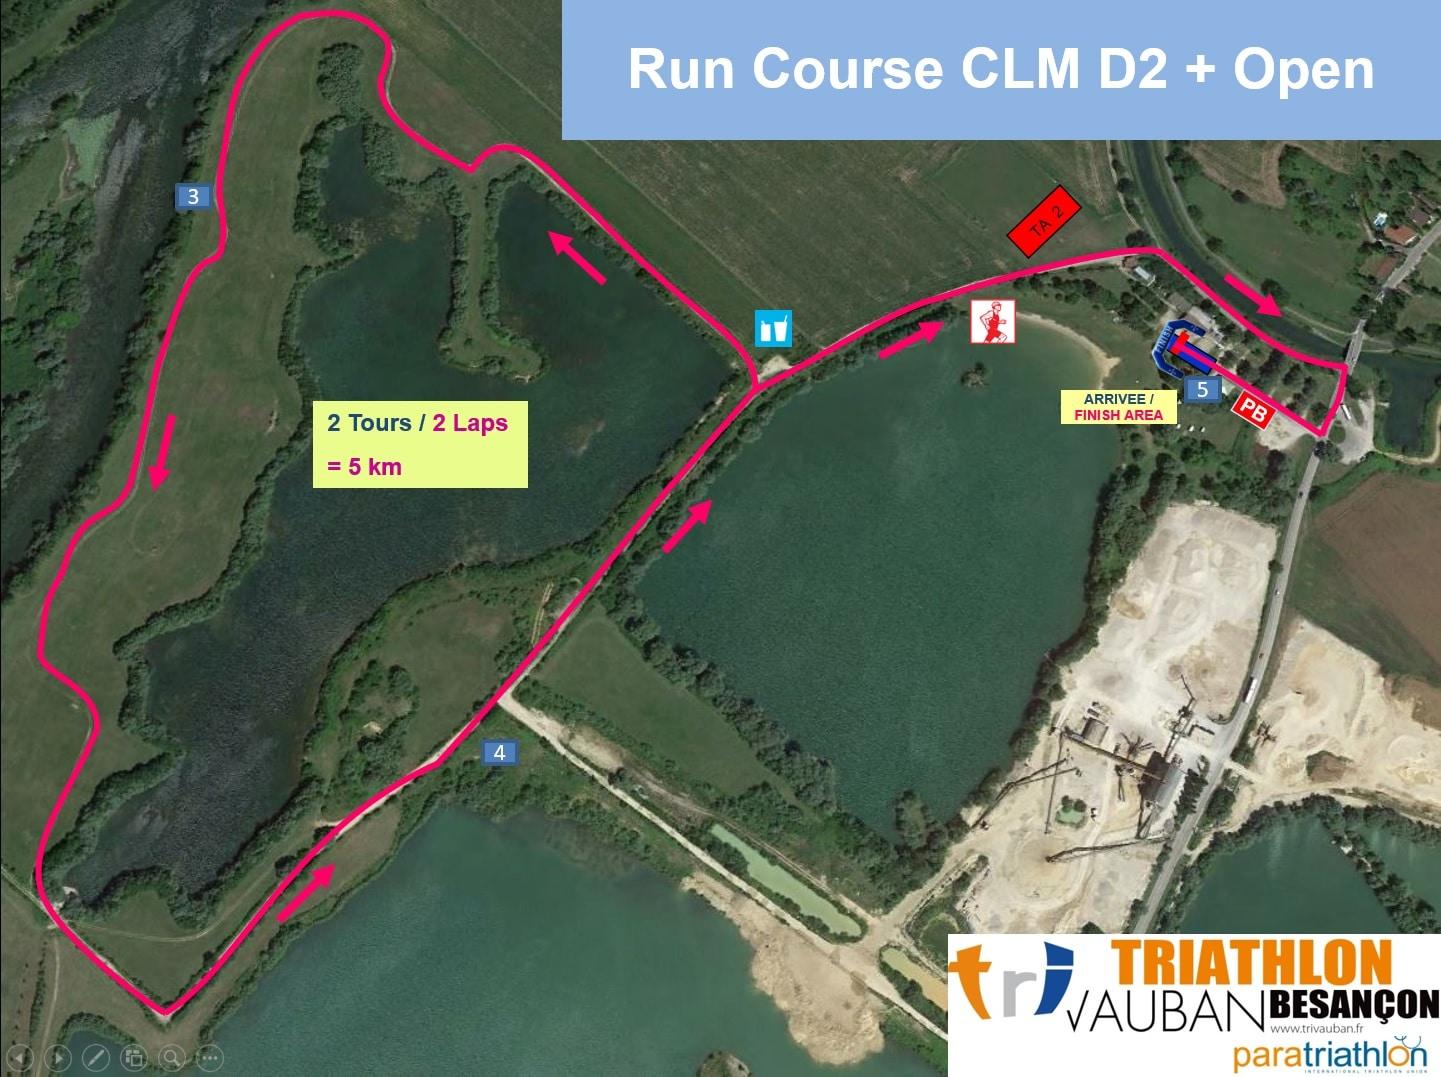 Parcours Course A Pied du Contre La Montre Triathlon Vauban